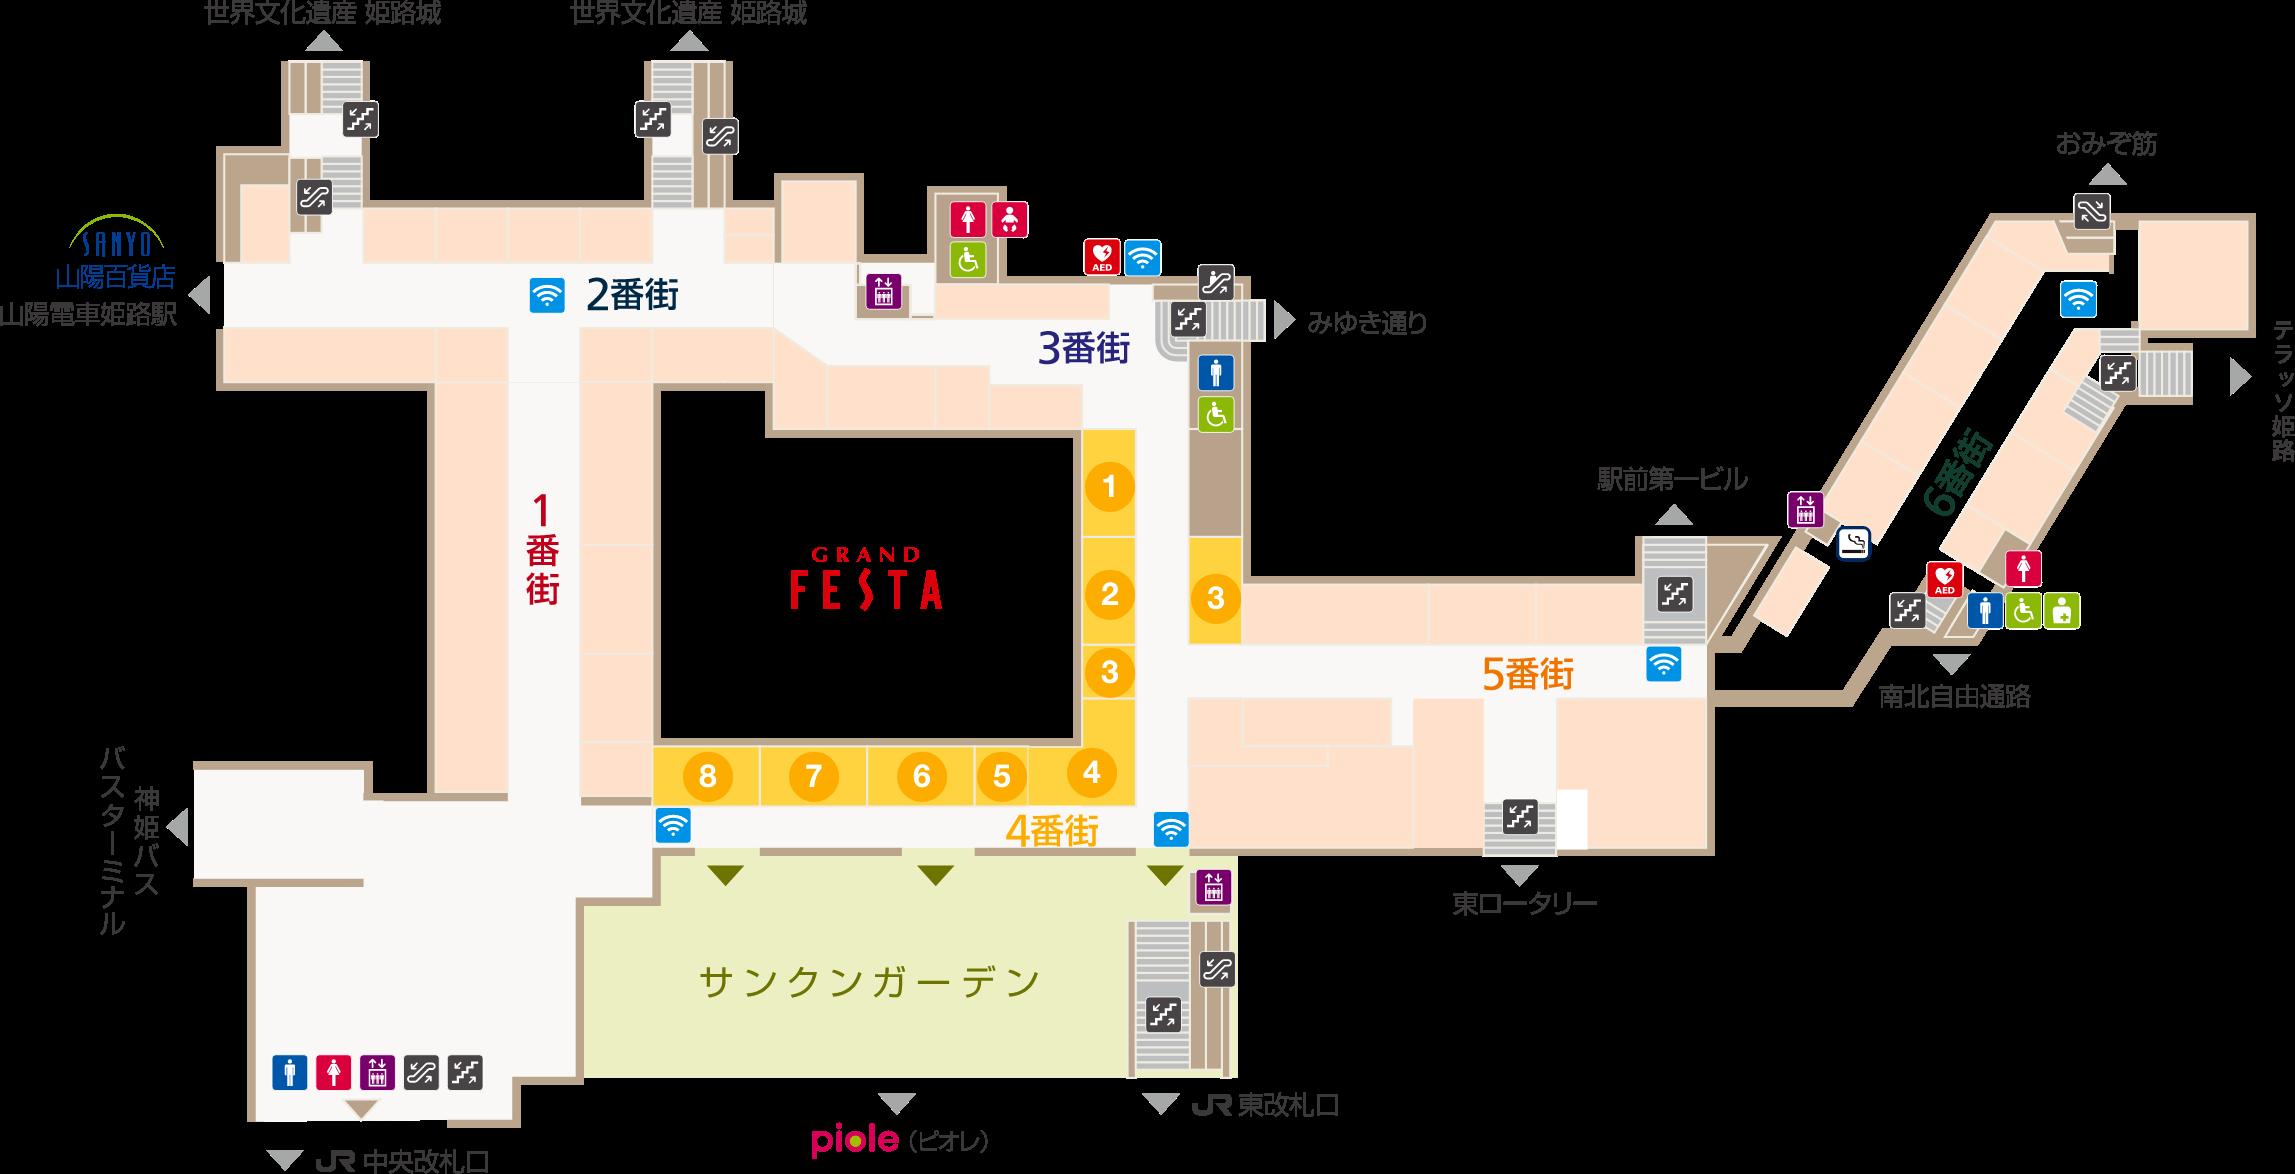 フェスタビル マップ4F